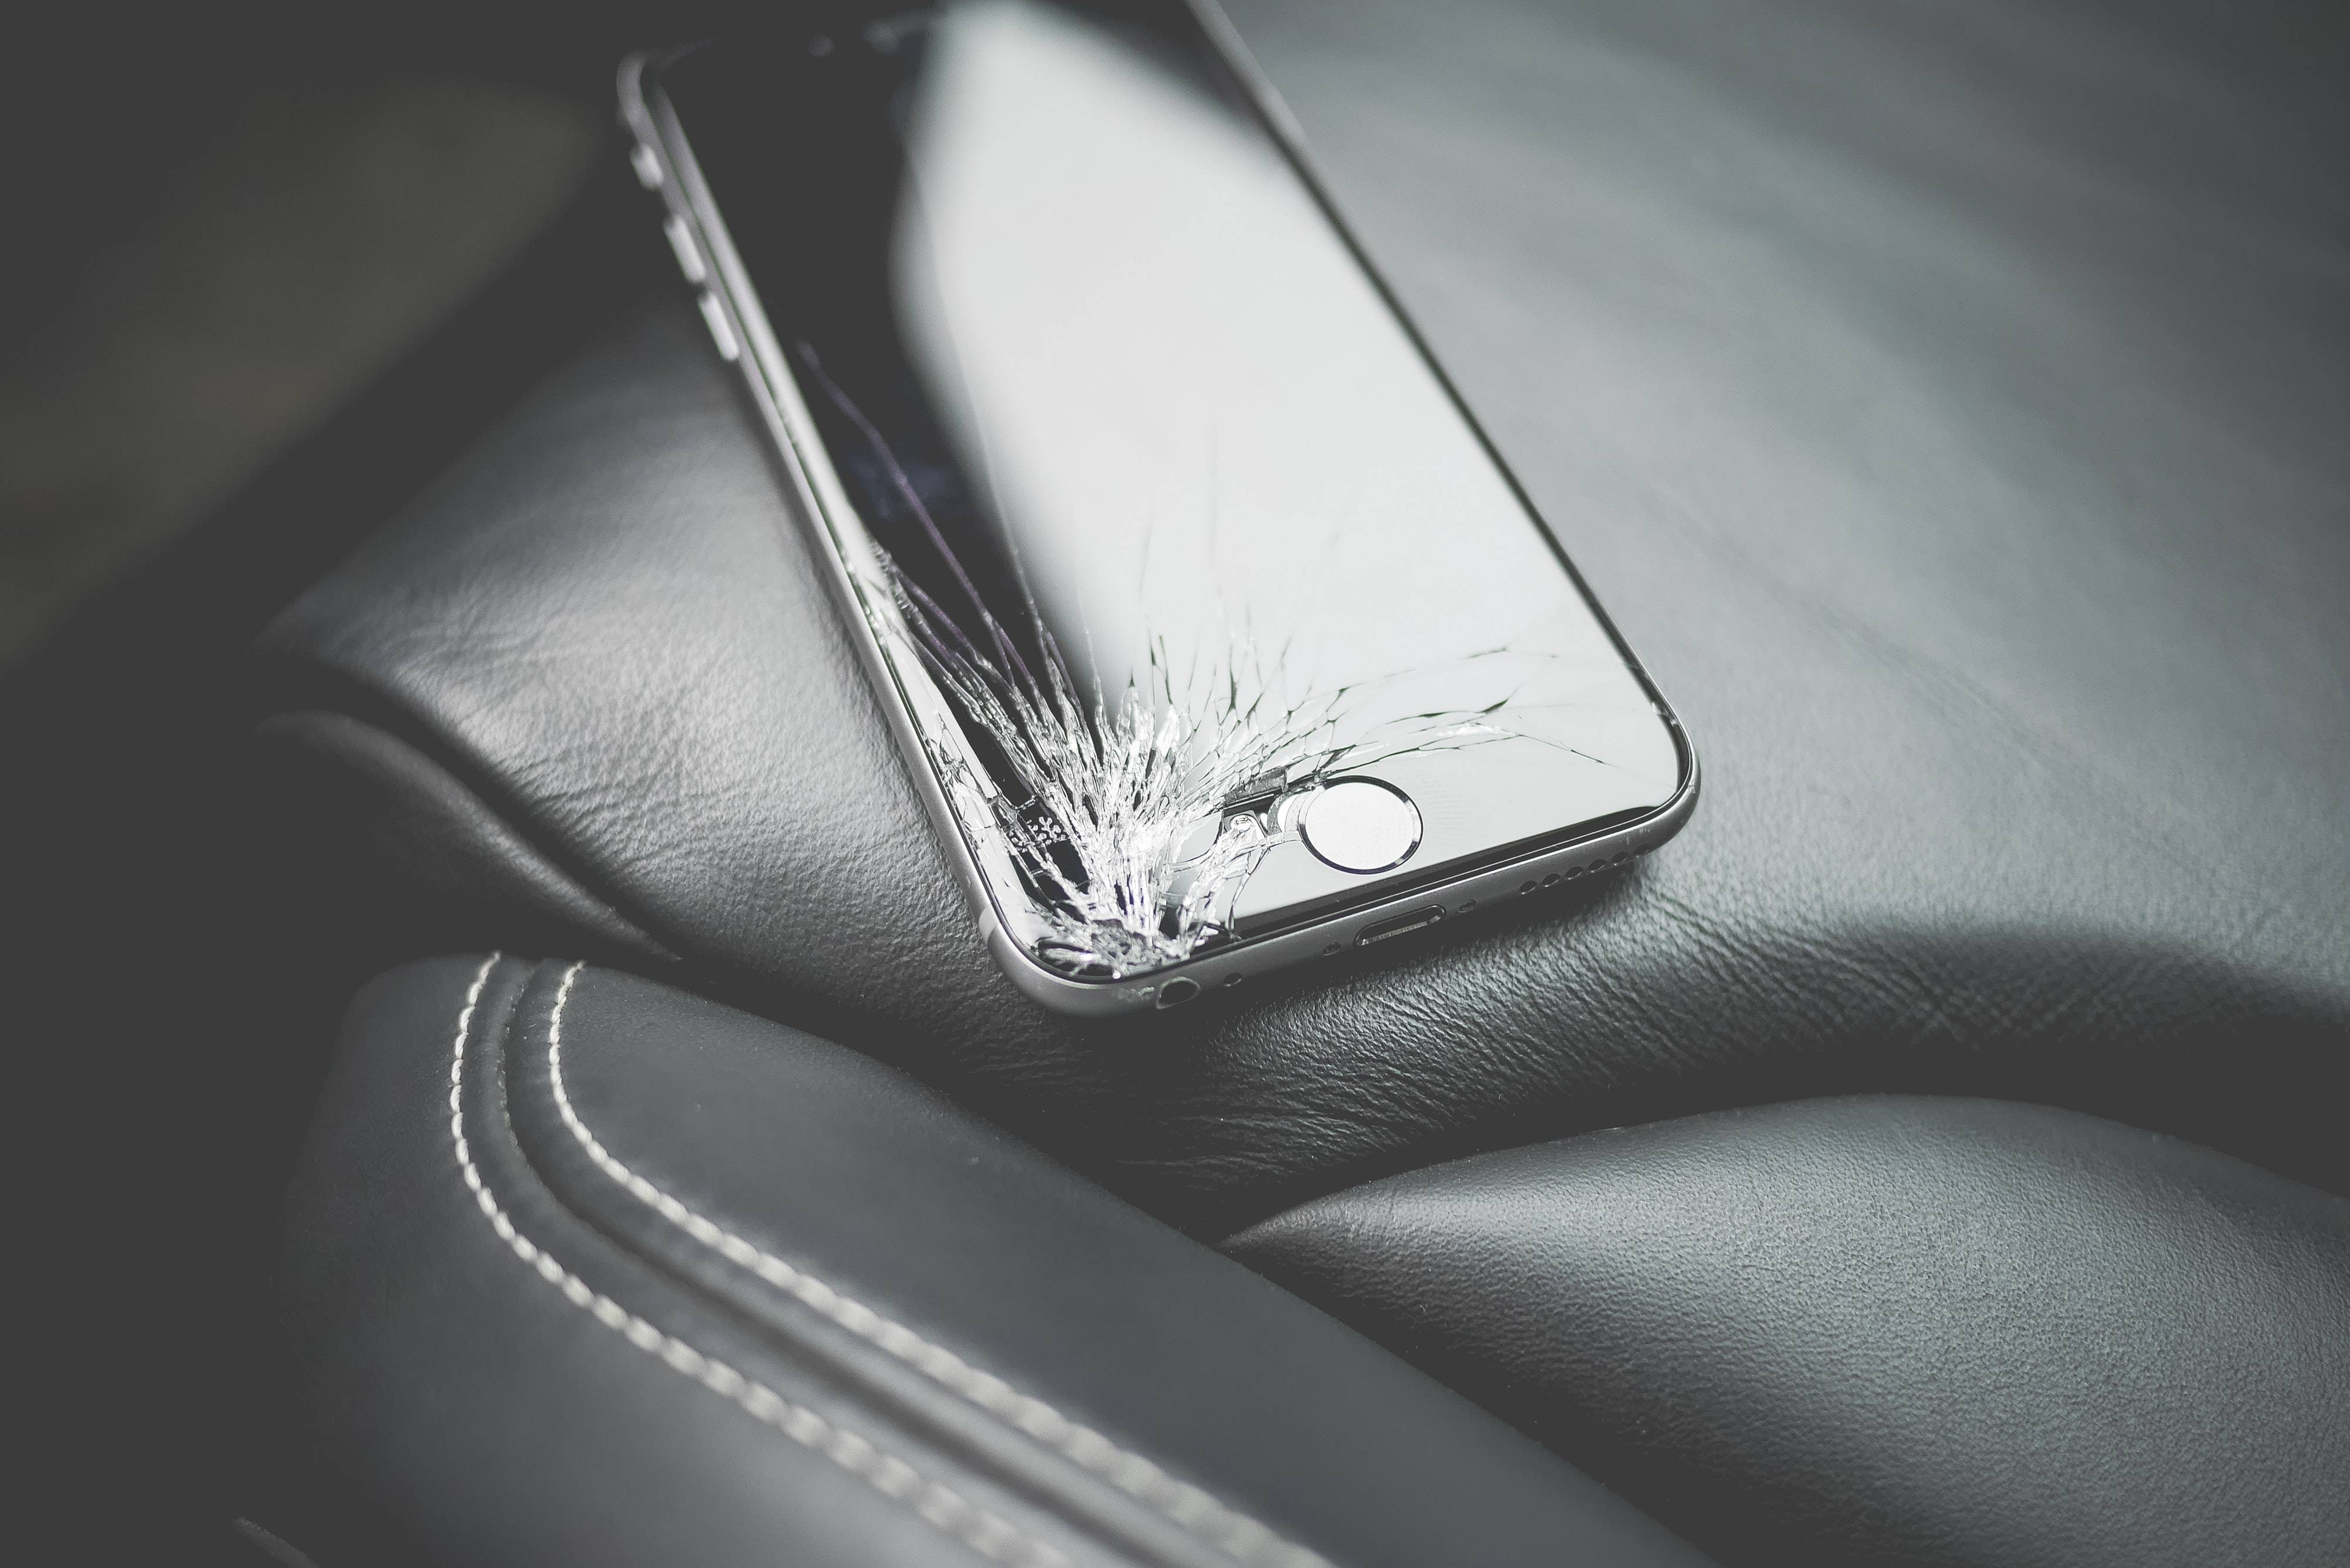 Esta increíble máquina es capaz de reparar la pantalla rota de tu celular en cuestión de minutos